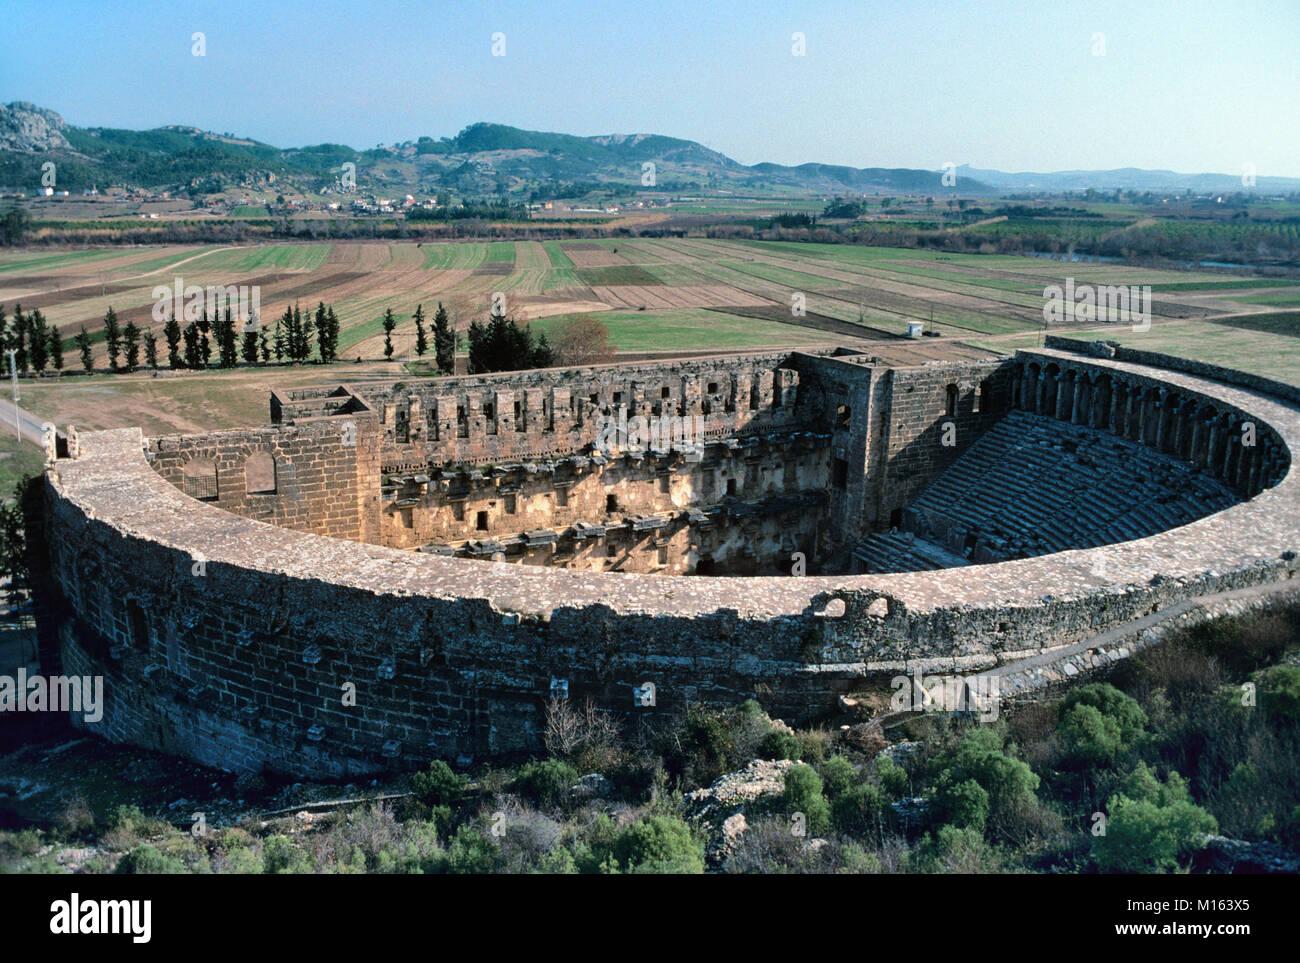 Le Théâtre Romain (c2e) à Aspendos, construit par l'architecte grec Zenon en 155 AD, Antalya, Photo Stock